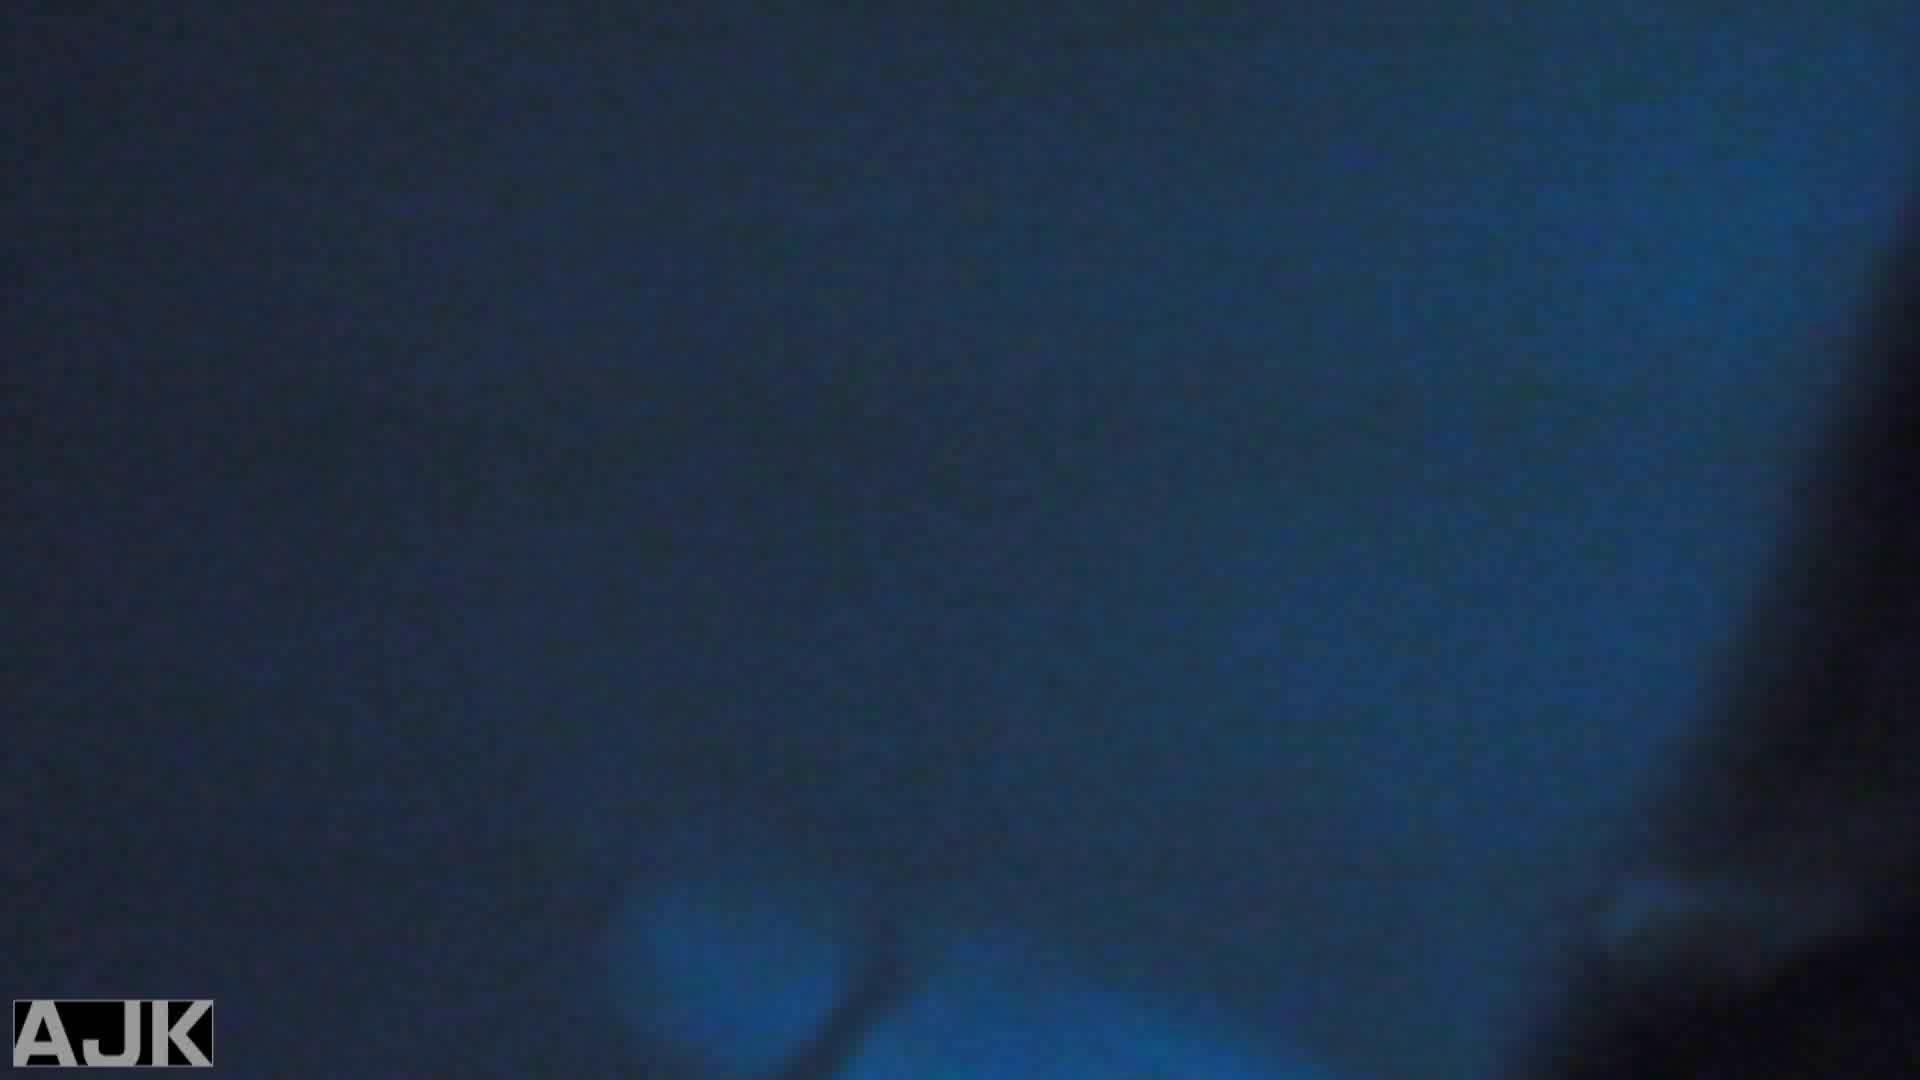 神降臨!史上最強の潜入かわや! vol.17 盗撮 すけべAV動画紹介 94画像 73